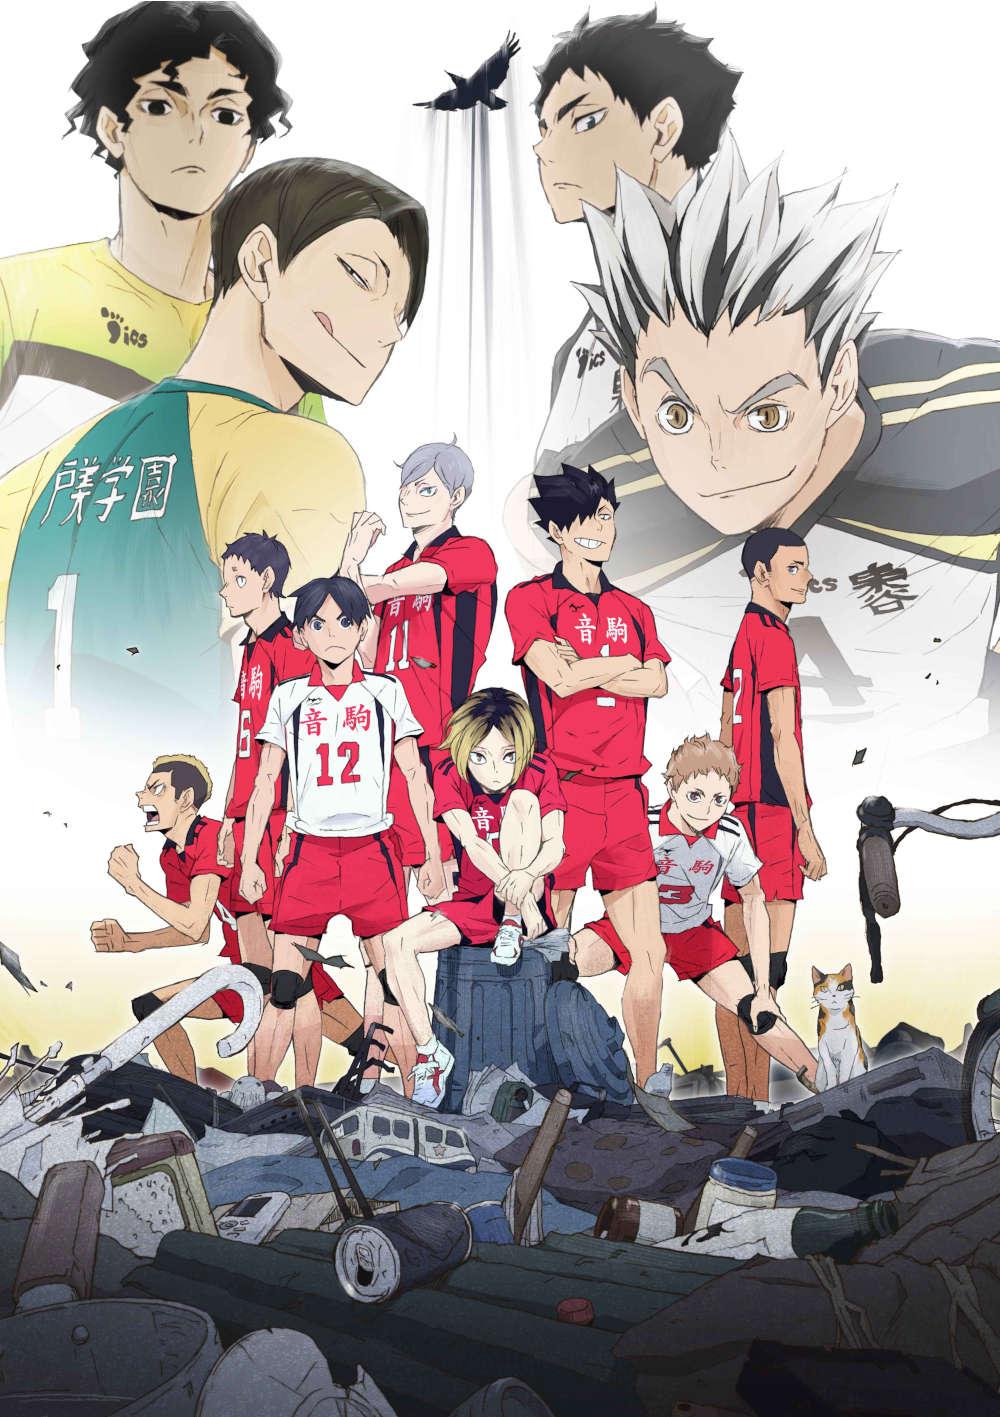 ハイキュー!! OVA『ハイキュー!! 陸 VS 空』 DVD 初回生産限定版